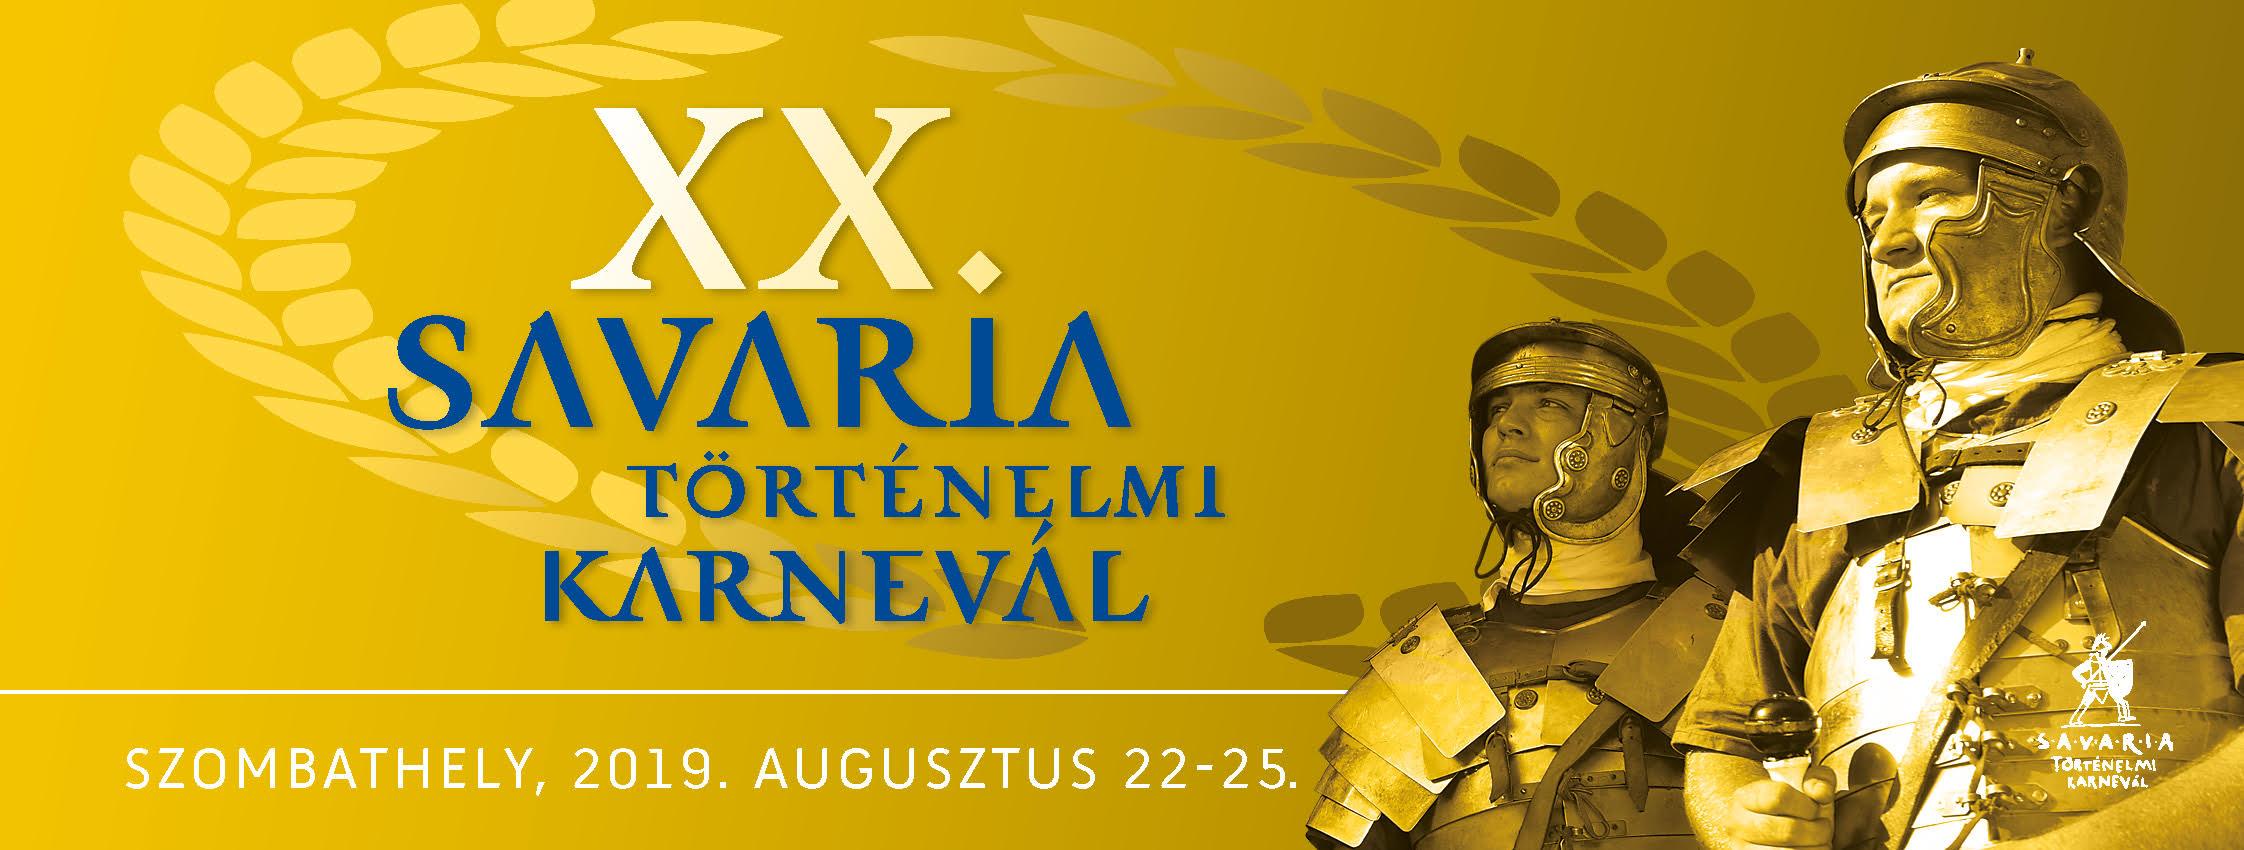 Savaria Történelmi Karnevál 2019-ben is Szombathelyen